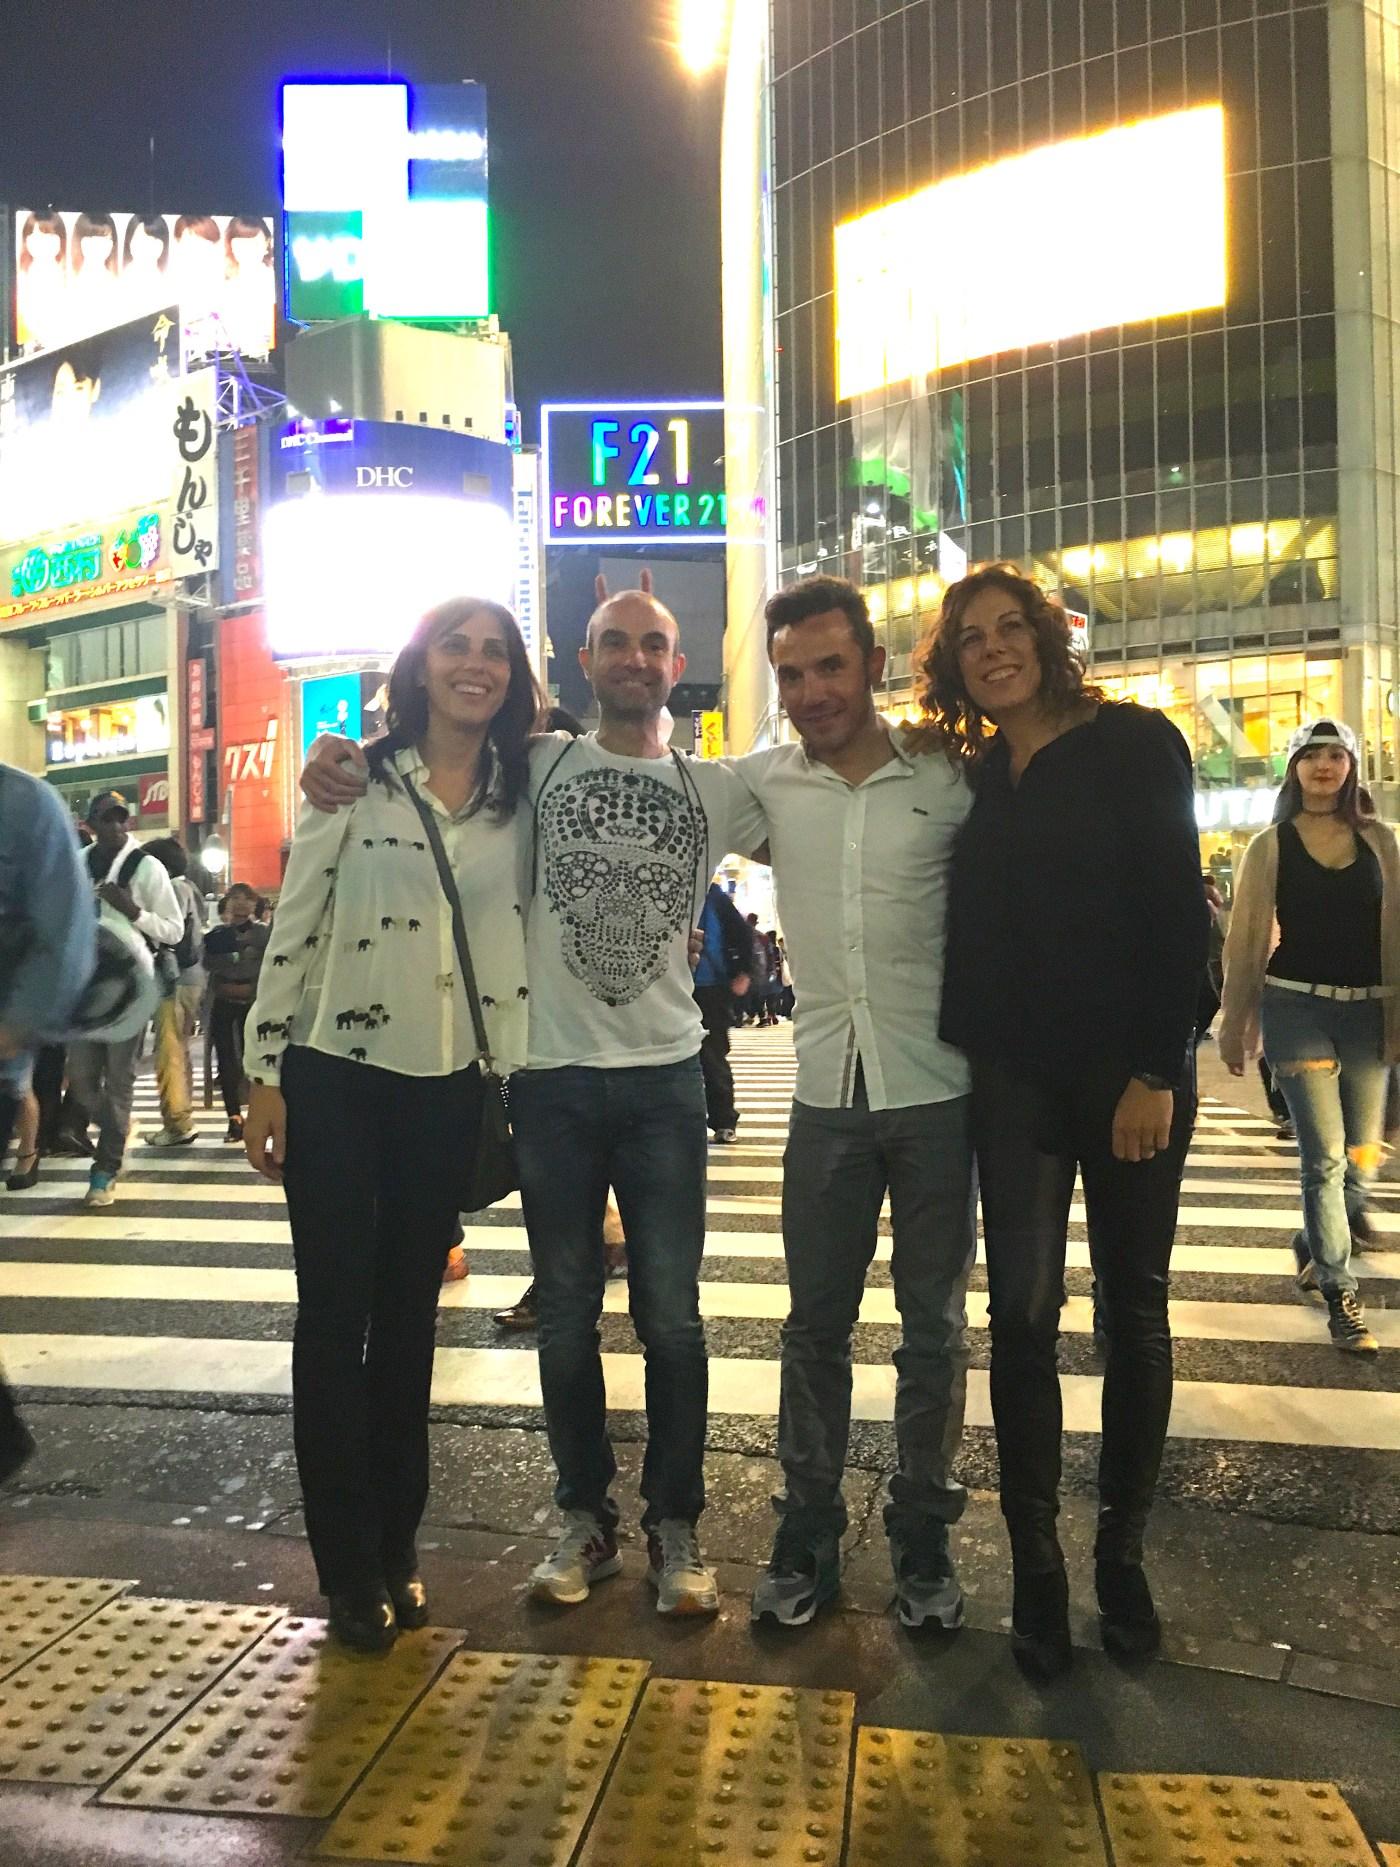 ツールさいたまの夜は渋谷